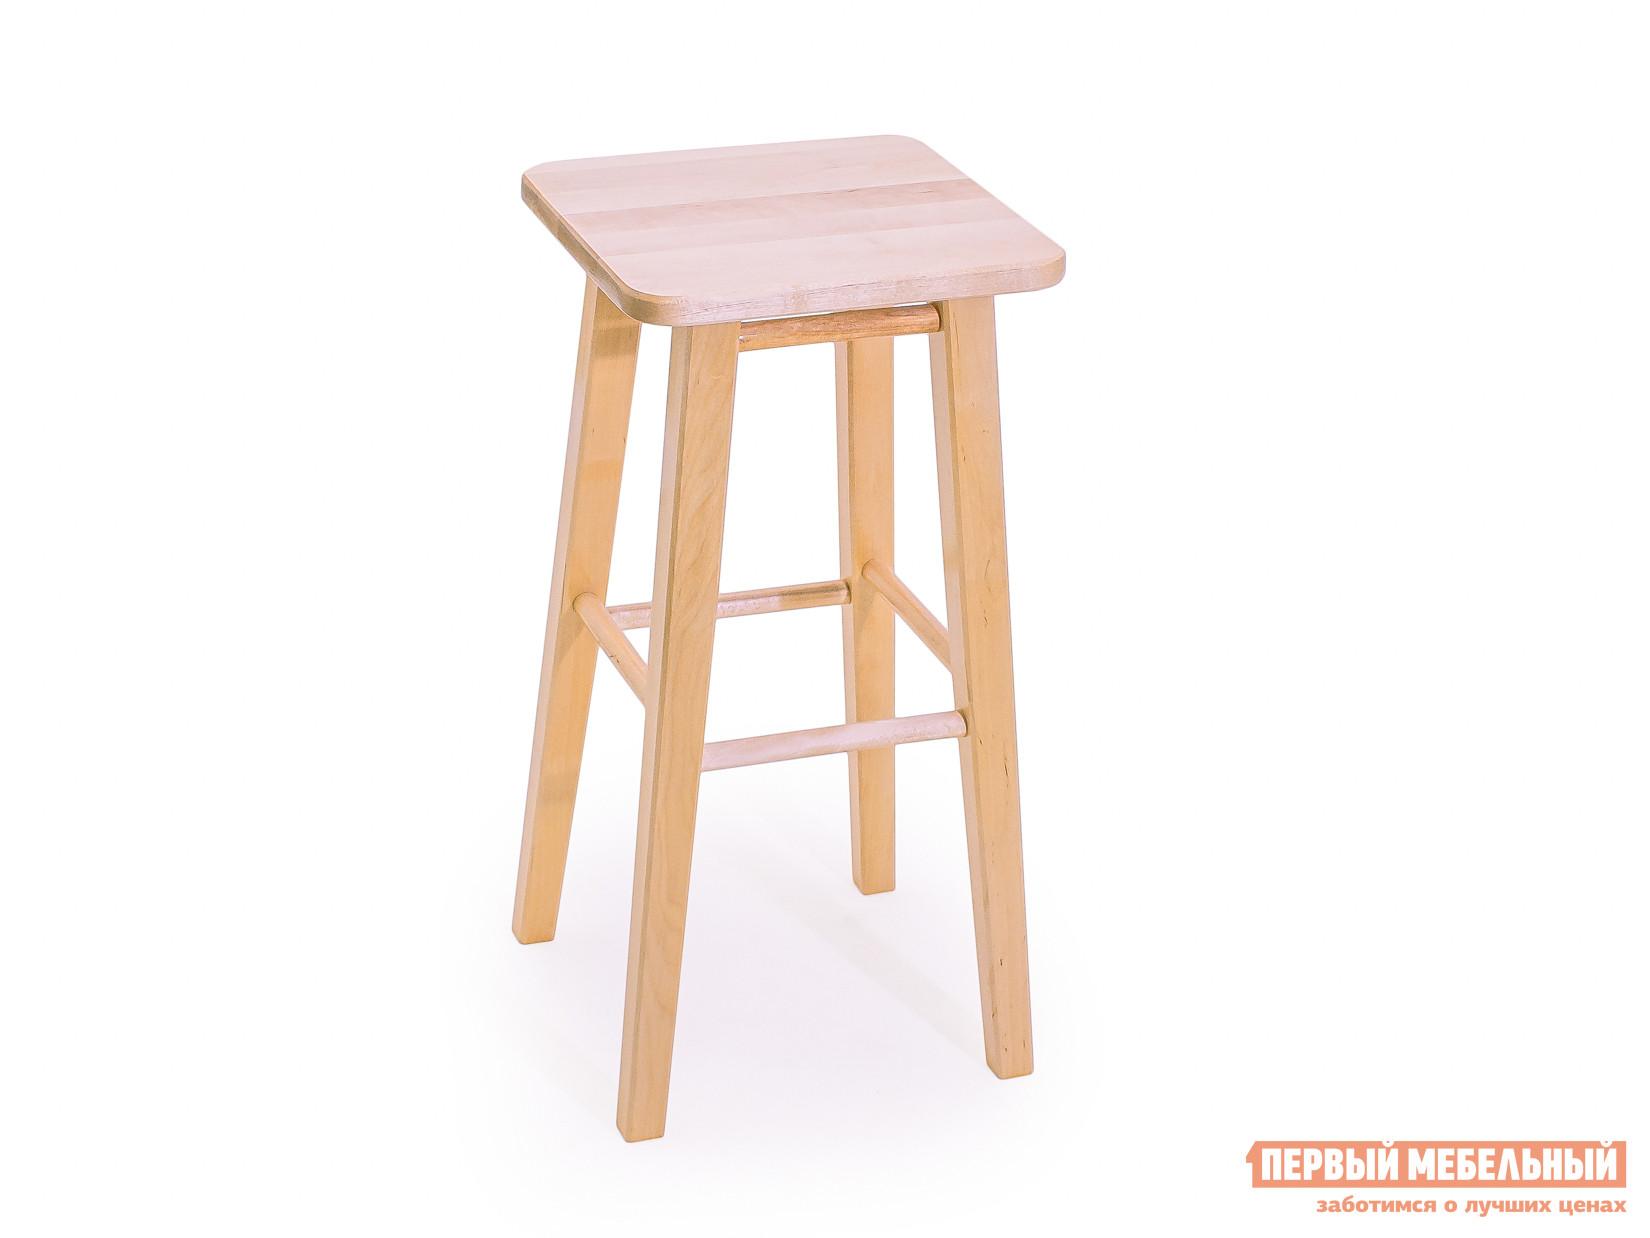 Барный стул СМКА КМ022Б Береза, 650 ммБарные стулья<br>Габаритные размеры ВхШхГ 650 / 750x340x340 мм. Деревянный квадратный барный табурет Емельян КМ022Б изготовлен из массива березы.  Он выглядит просто и в то же время колоритно.  Такая модель хорошо подчеркнет прелесть интерьера в стиле прованс или экостиле. Поверхность табурета покрыта прозрачным влагостойким лаком. В нашем интернет-магазине представлены на выбор два варианта высоты табуретов:650 мм. 750 мм. Не забудьте выбрать подходящий. Модель поставляется в уже собранном виде и весит не многим более 3 кг. Сиденье имеет размер 340х340 мм.<br><br>Цвет: Светлое дерево<br>Высота мм: 650 / 750<br>Ширина мм: 340<br>Глубина мм: 340<br>Кол-во упаковок: 1<br>Форма поставки: В собранном виде<br>Срок гарантии: 1 год<br>Тип: Нерегулируемые<br>Тип: Высота сиденья 600-700мм<br>Тип: Высота сиденья 701-800мм<br>Материал: Дерево<br>Материал: Натуральное дерево<br>Порода дерева: Береза<br>Форма: Квадратные<br>С жестким сиденьем: Да<br>Без подлокотников: Да<br>С четырьмя ножками: Да<br>Без спинки: Да